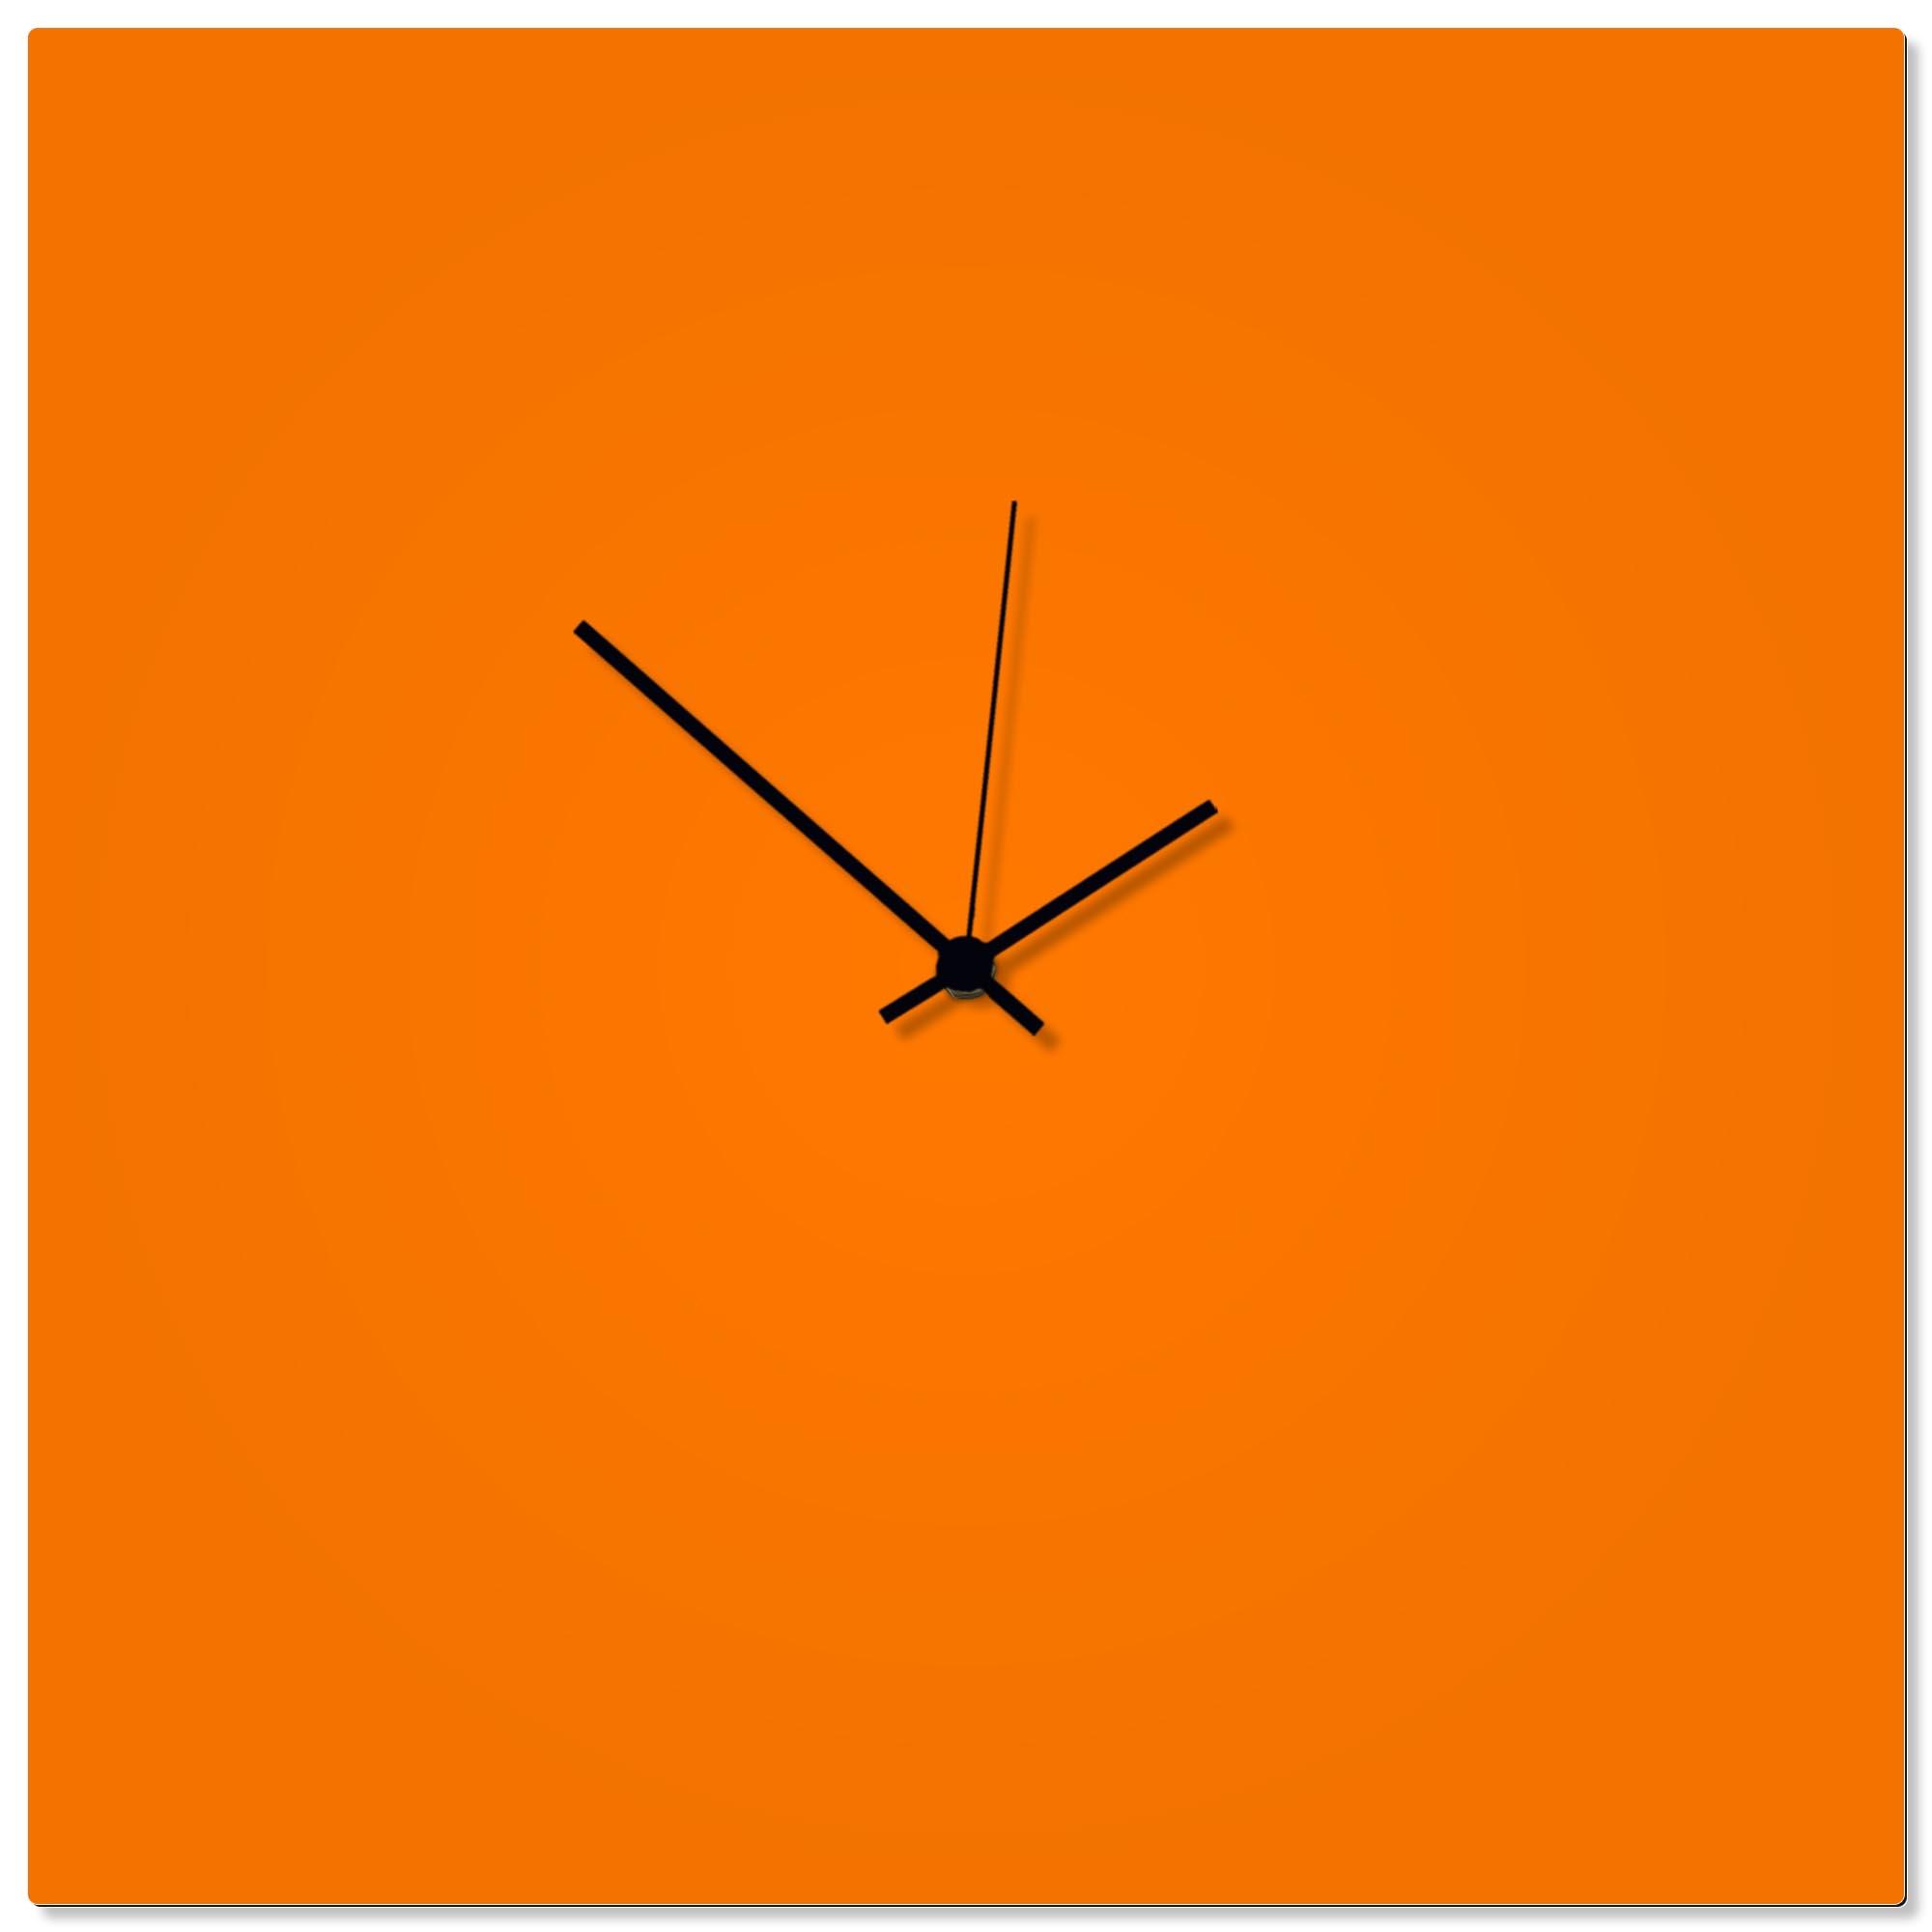 Orangeout Black Square Clock Large 23x23in. Aluminum Polymetal